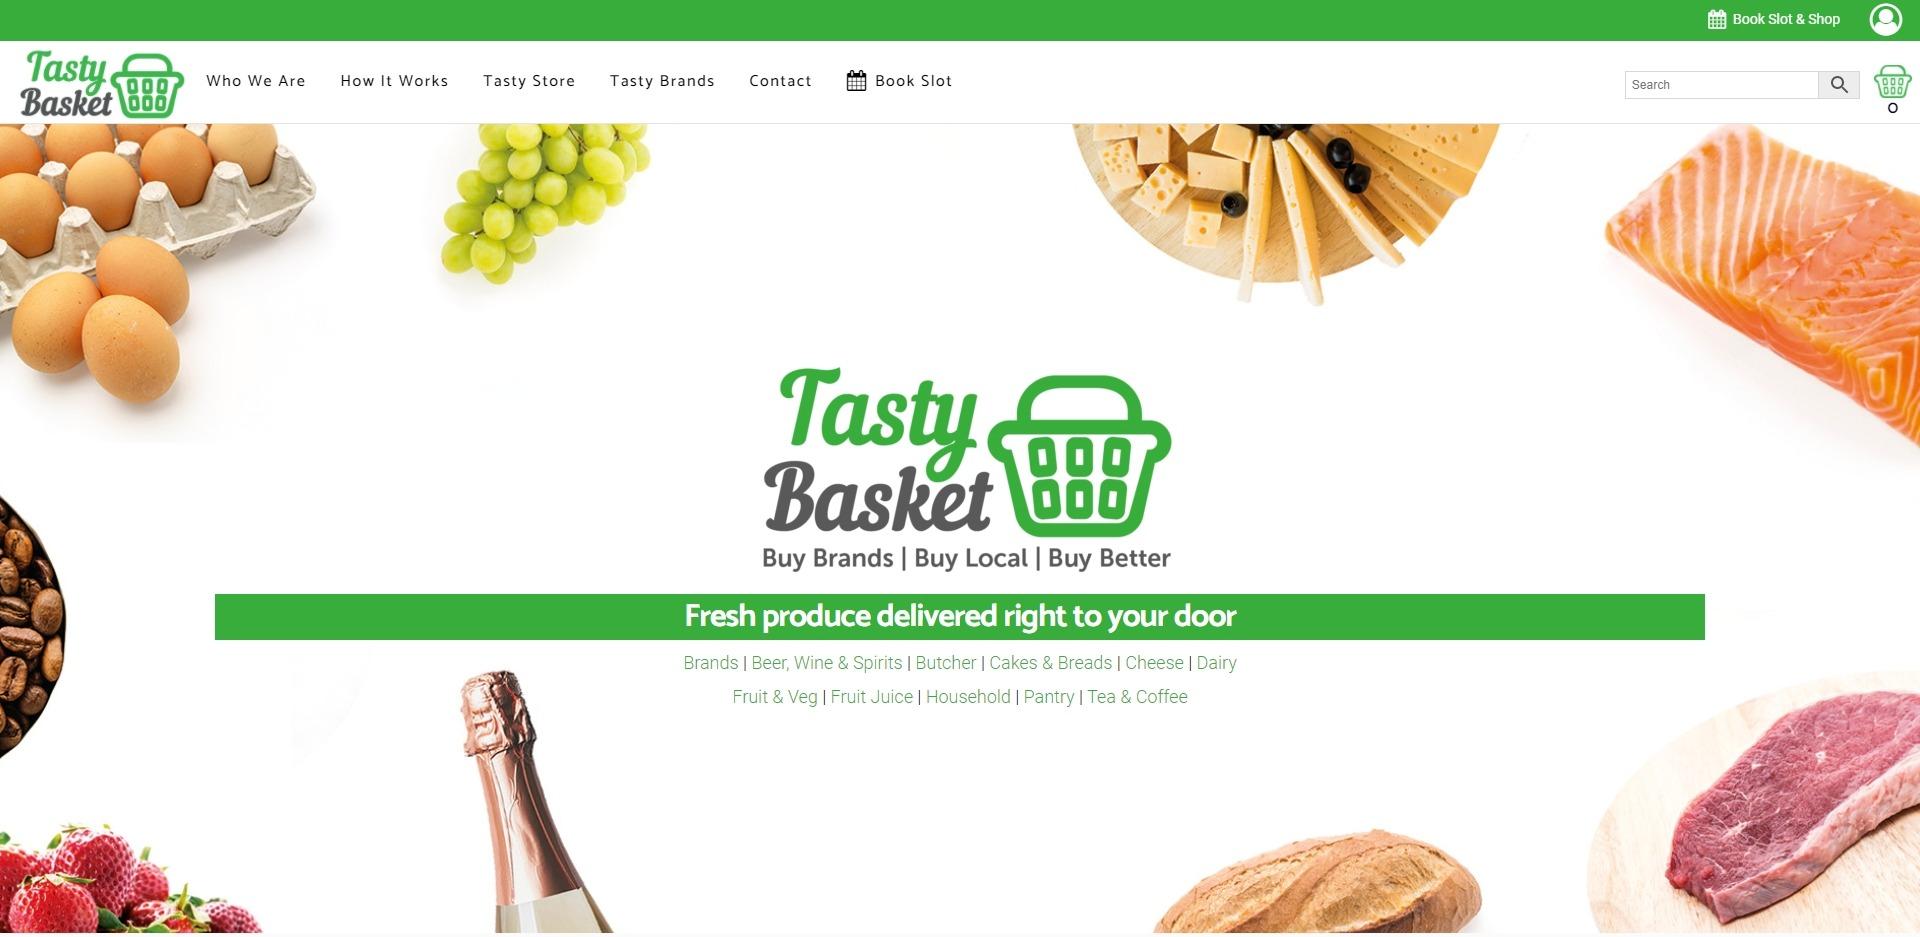 Tasty Basket Website Design